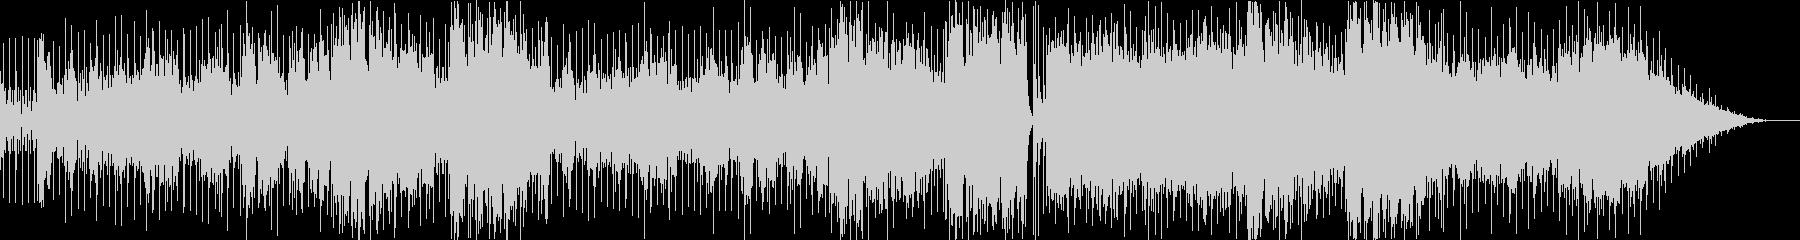 ドリアンコードを使ったエモーショナルな曲の未再生の波形